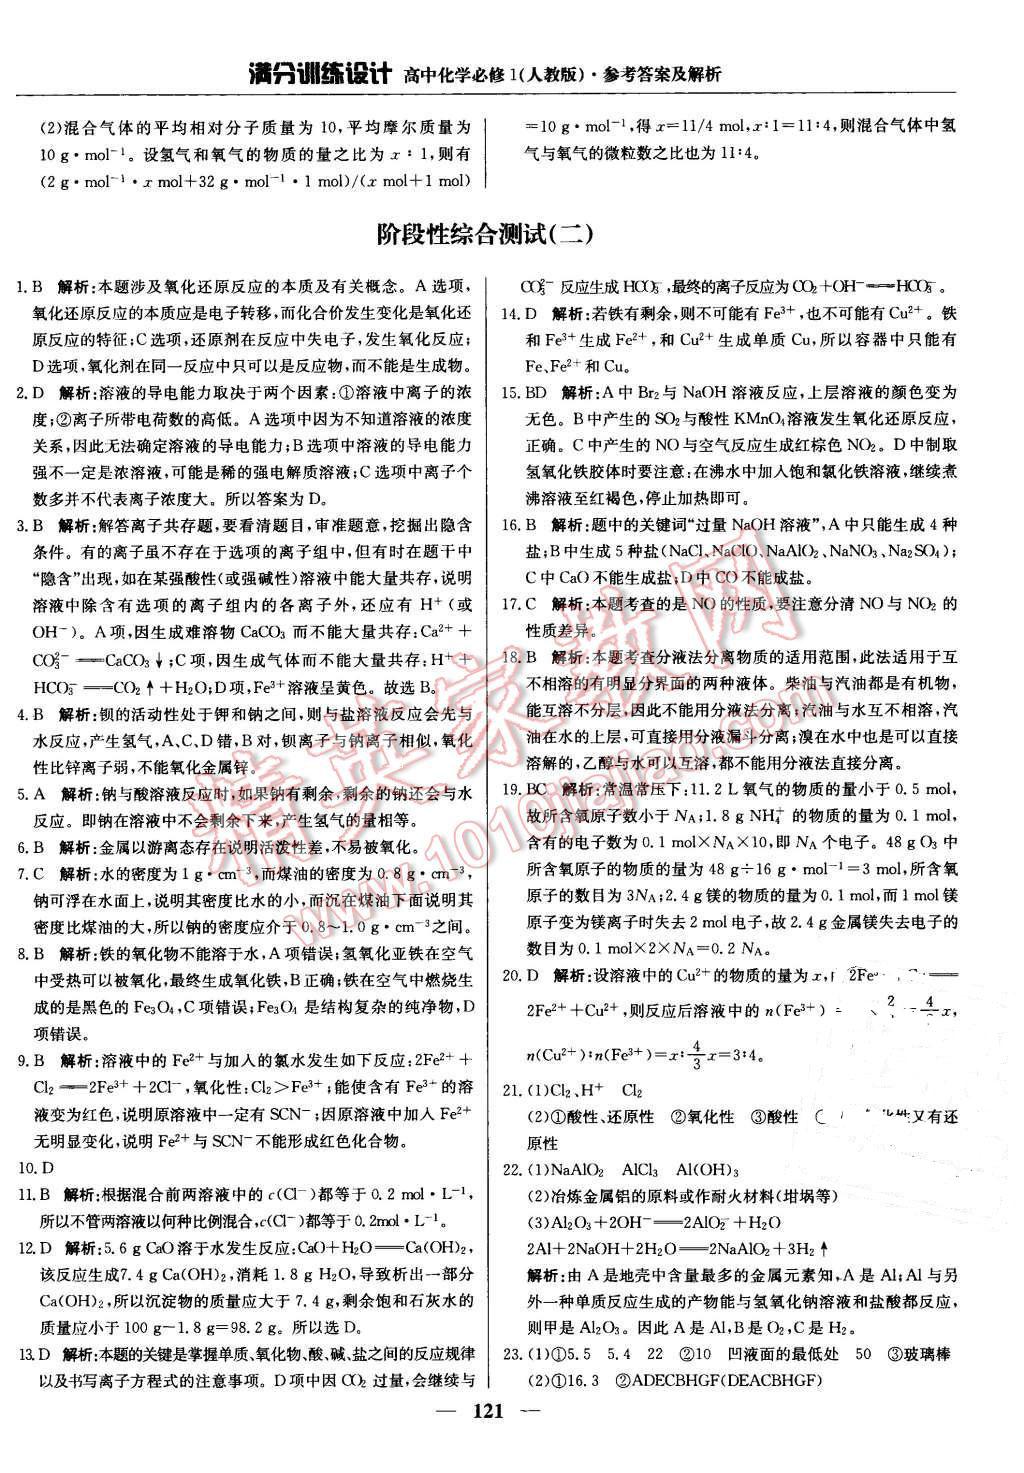 2015年高中设计训练高中化学必修1满分版第34页人教汉川分数线图片